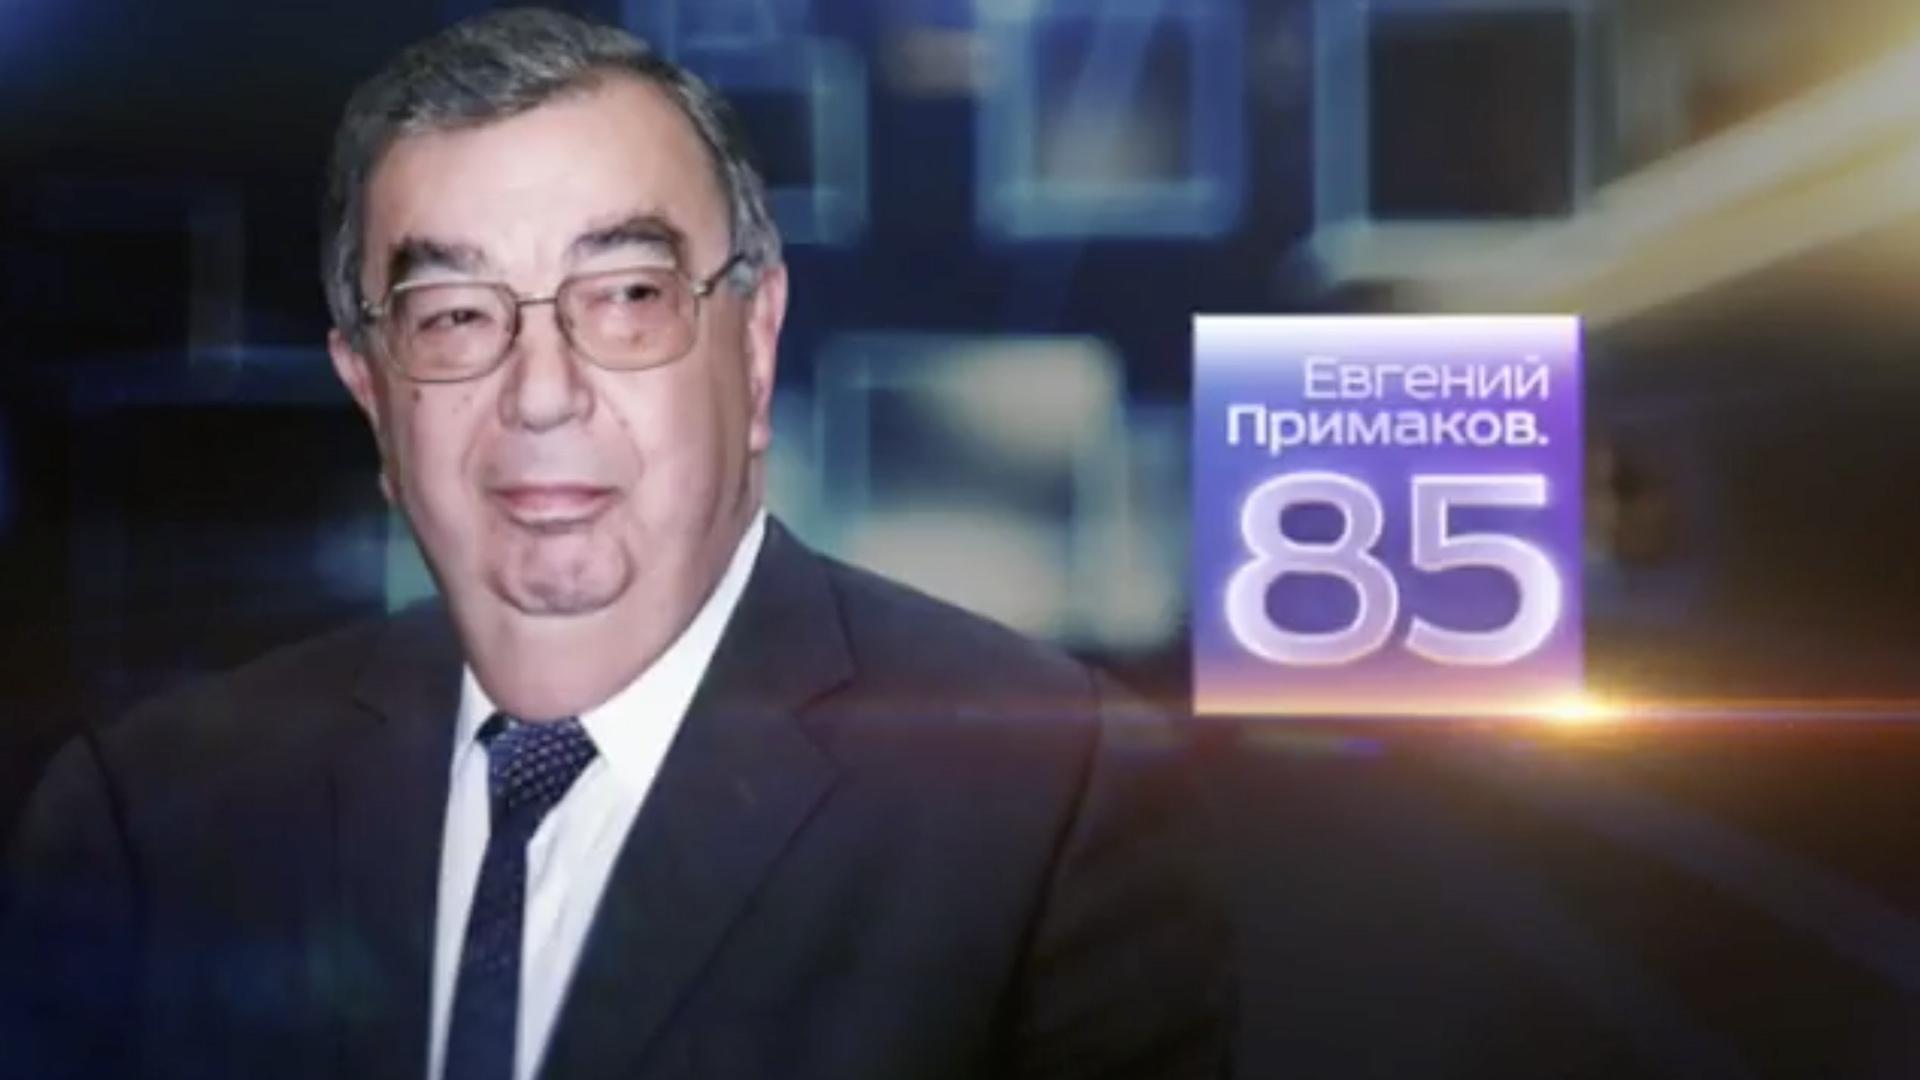 Евгений Примаков. 85